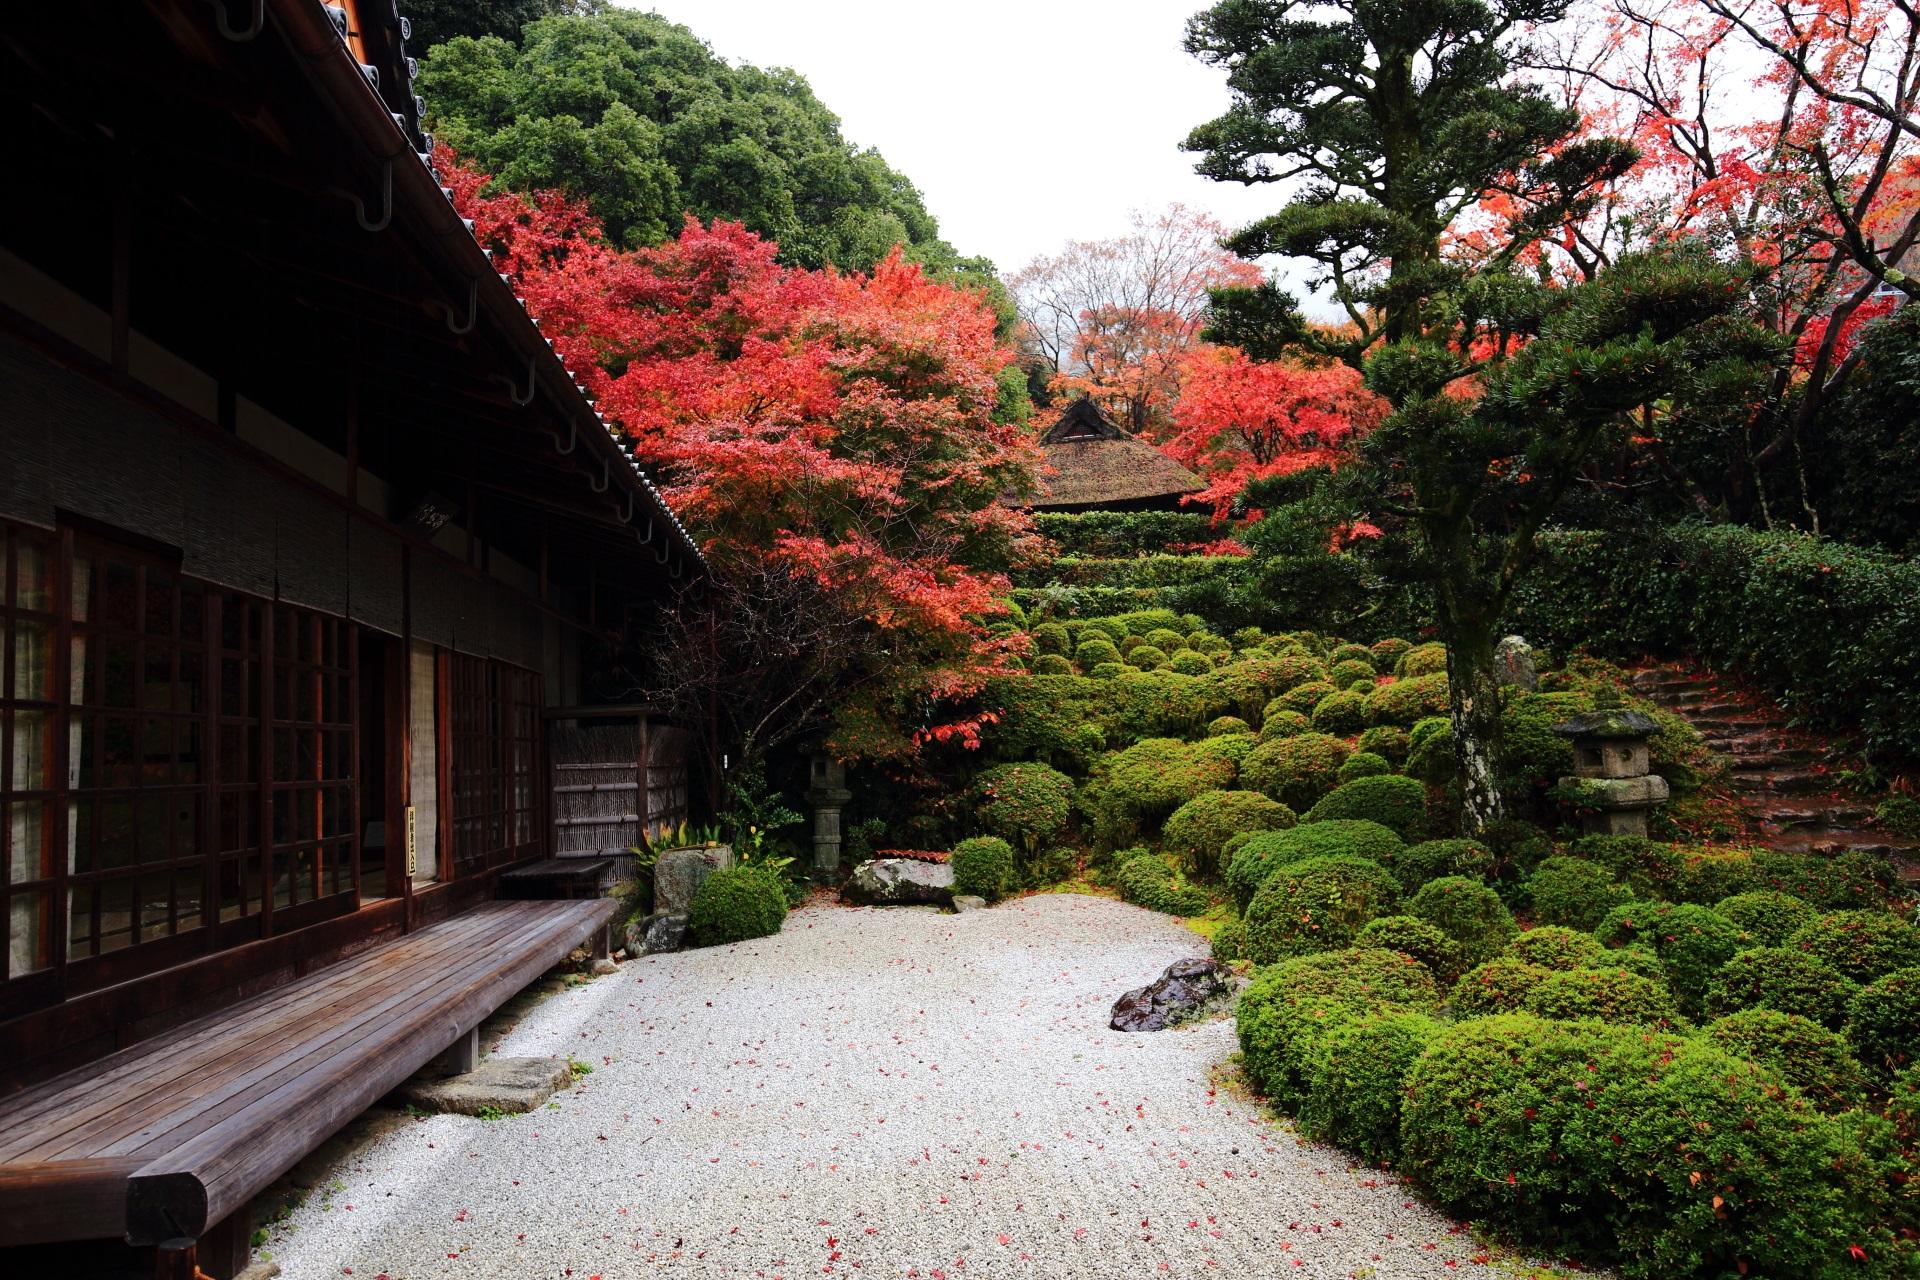 金福寺の方丈前の枯山水庭園と紅葉